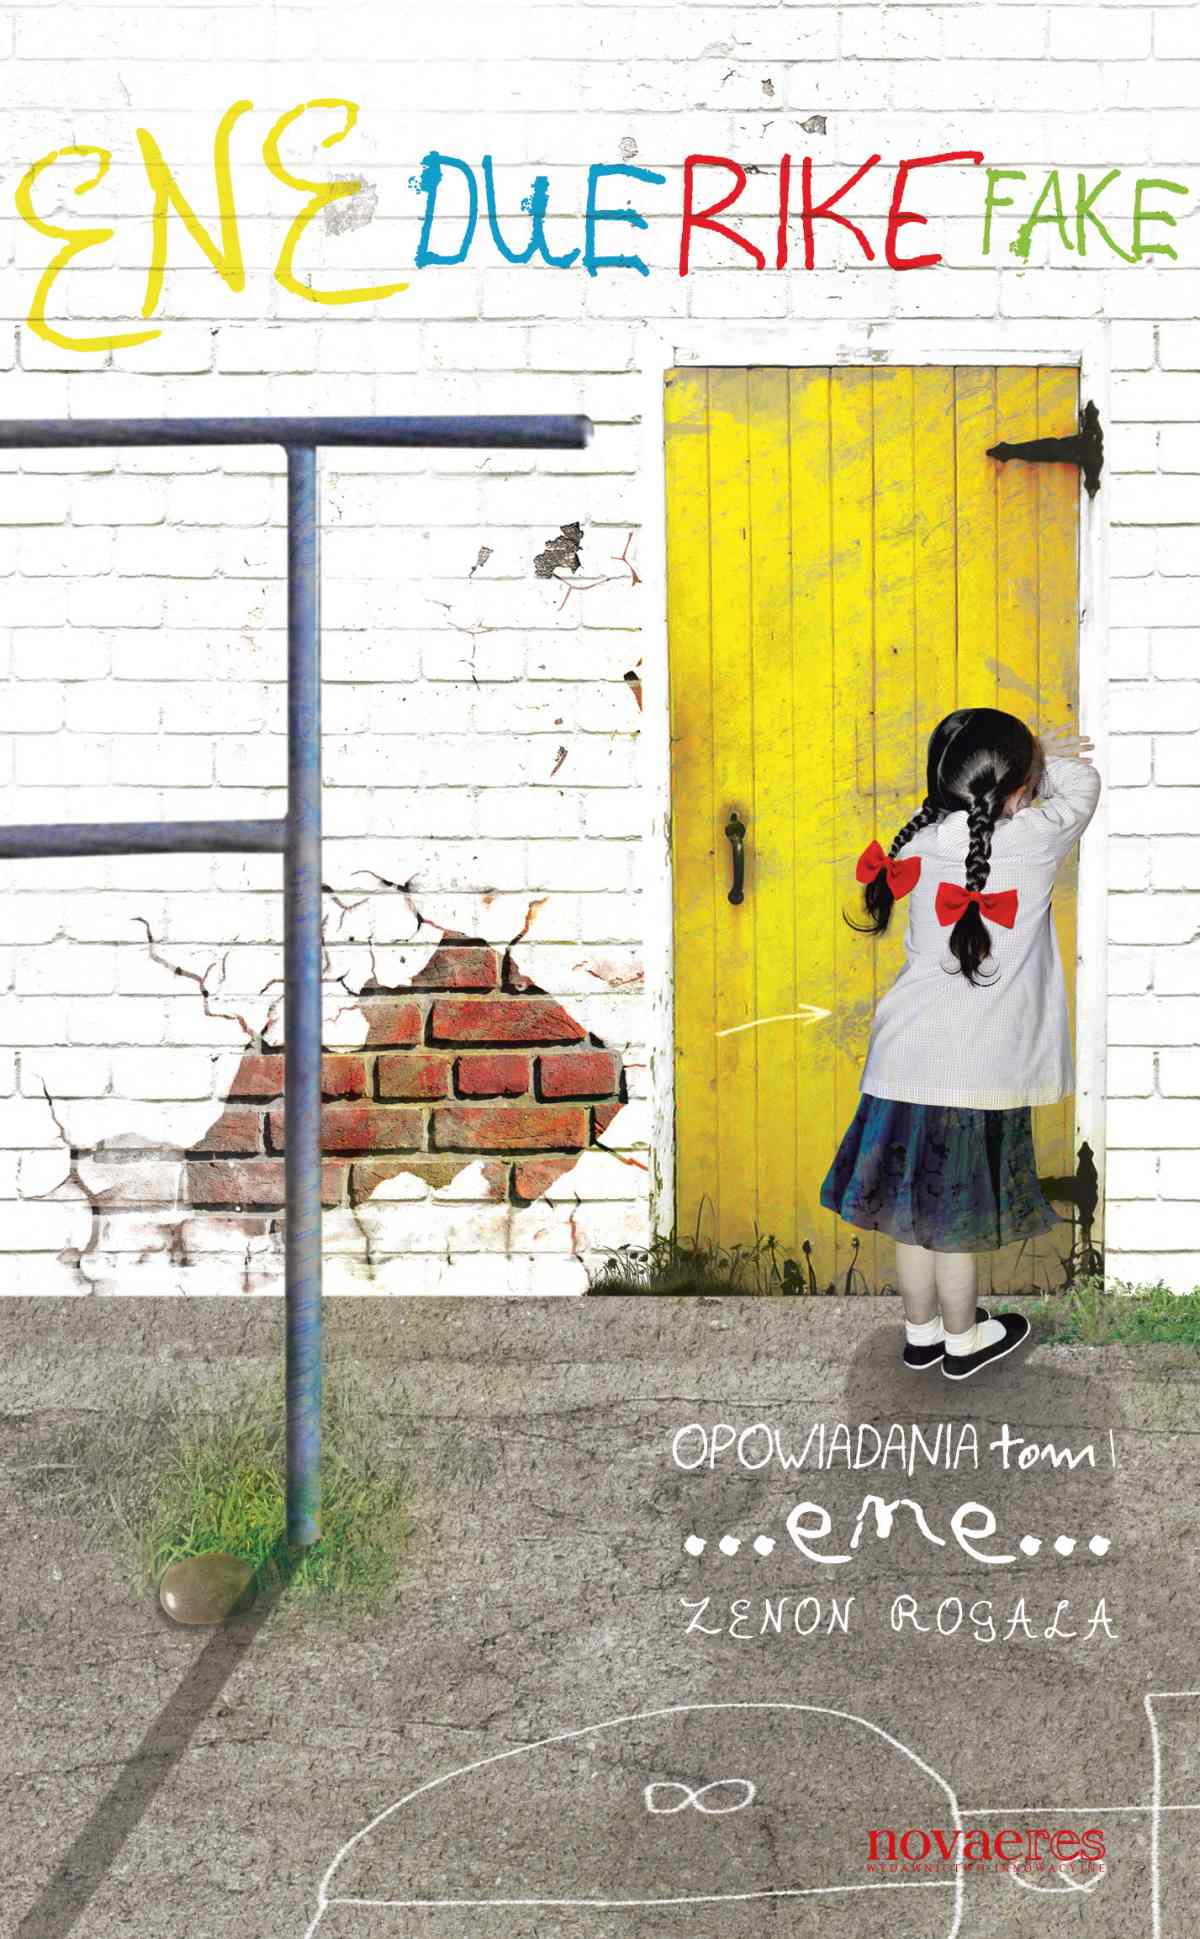 Ene. Opowiadania. Tom I - Ebook (Książka EPUB) do pobrania w formacie EPUB